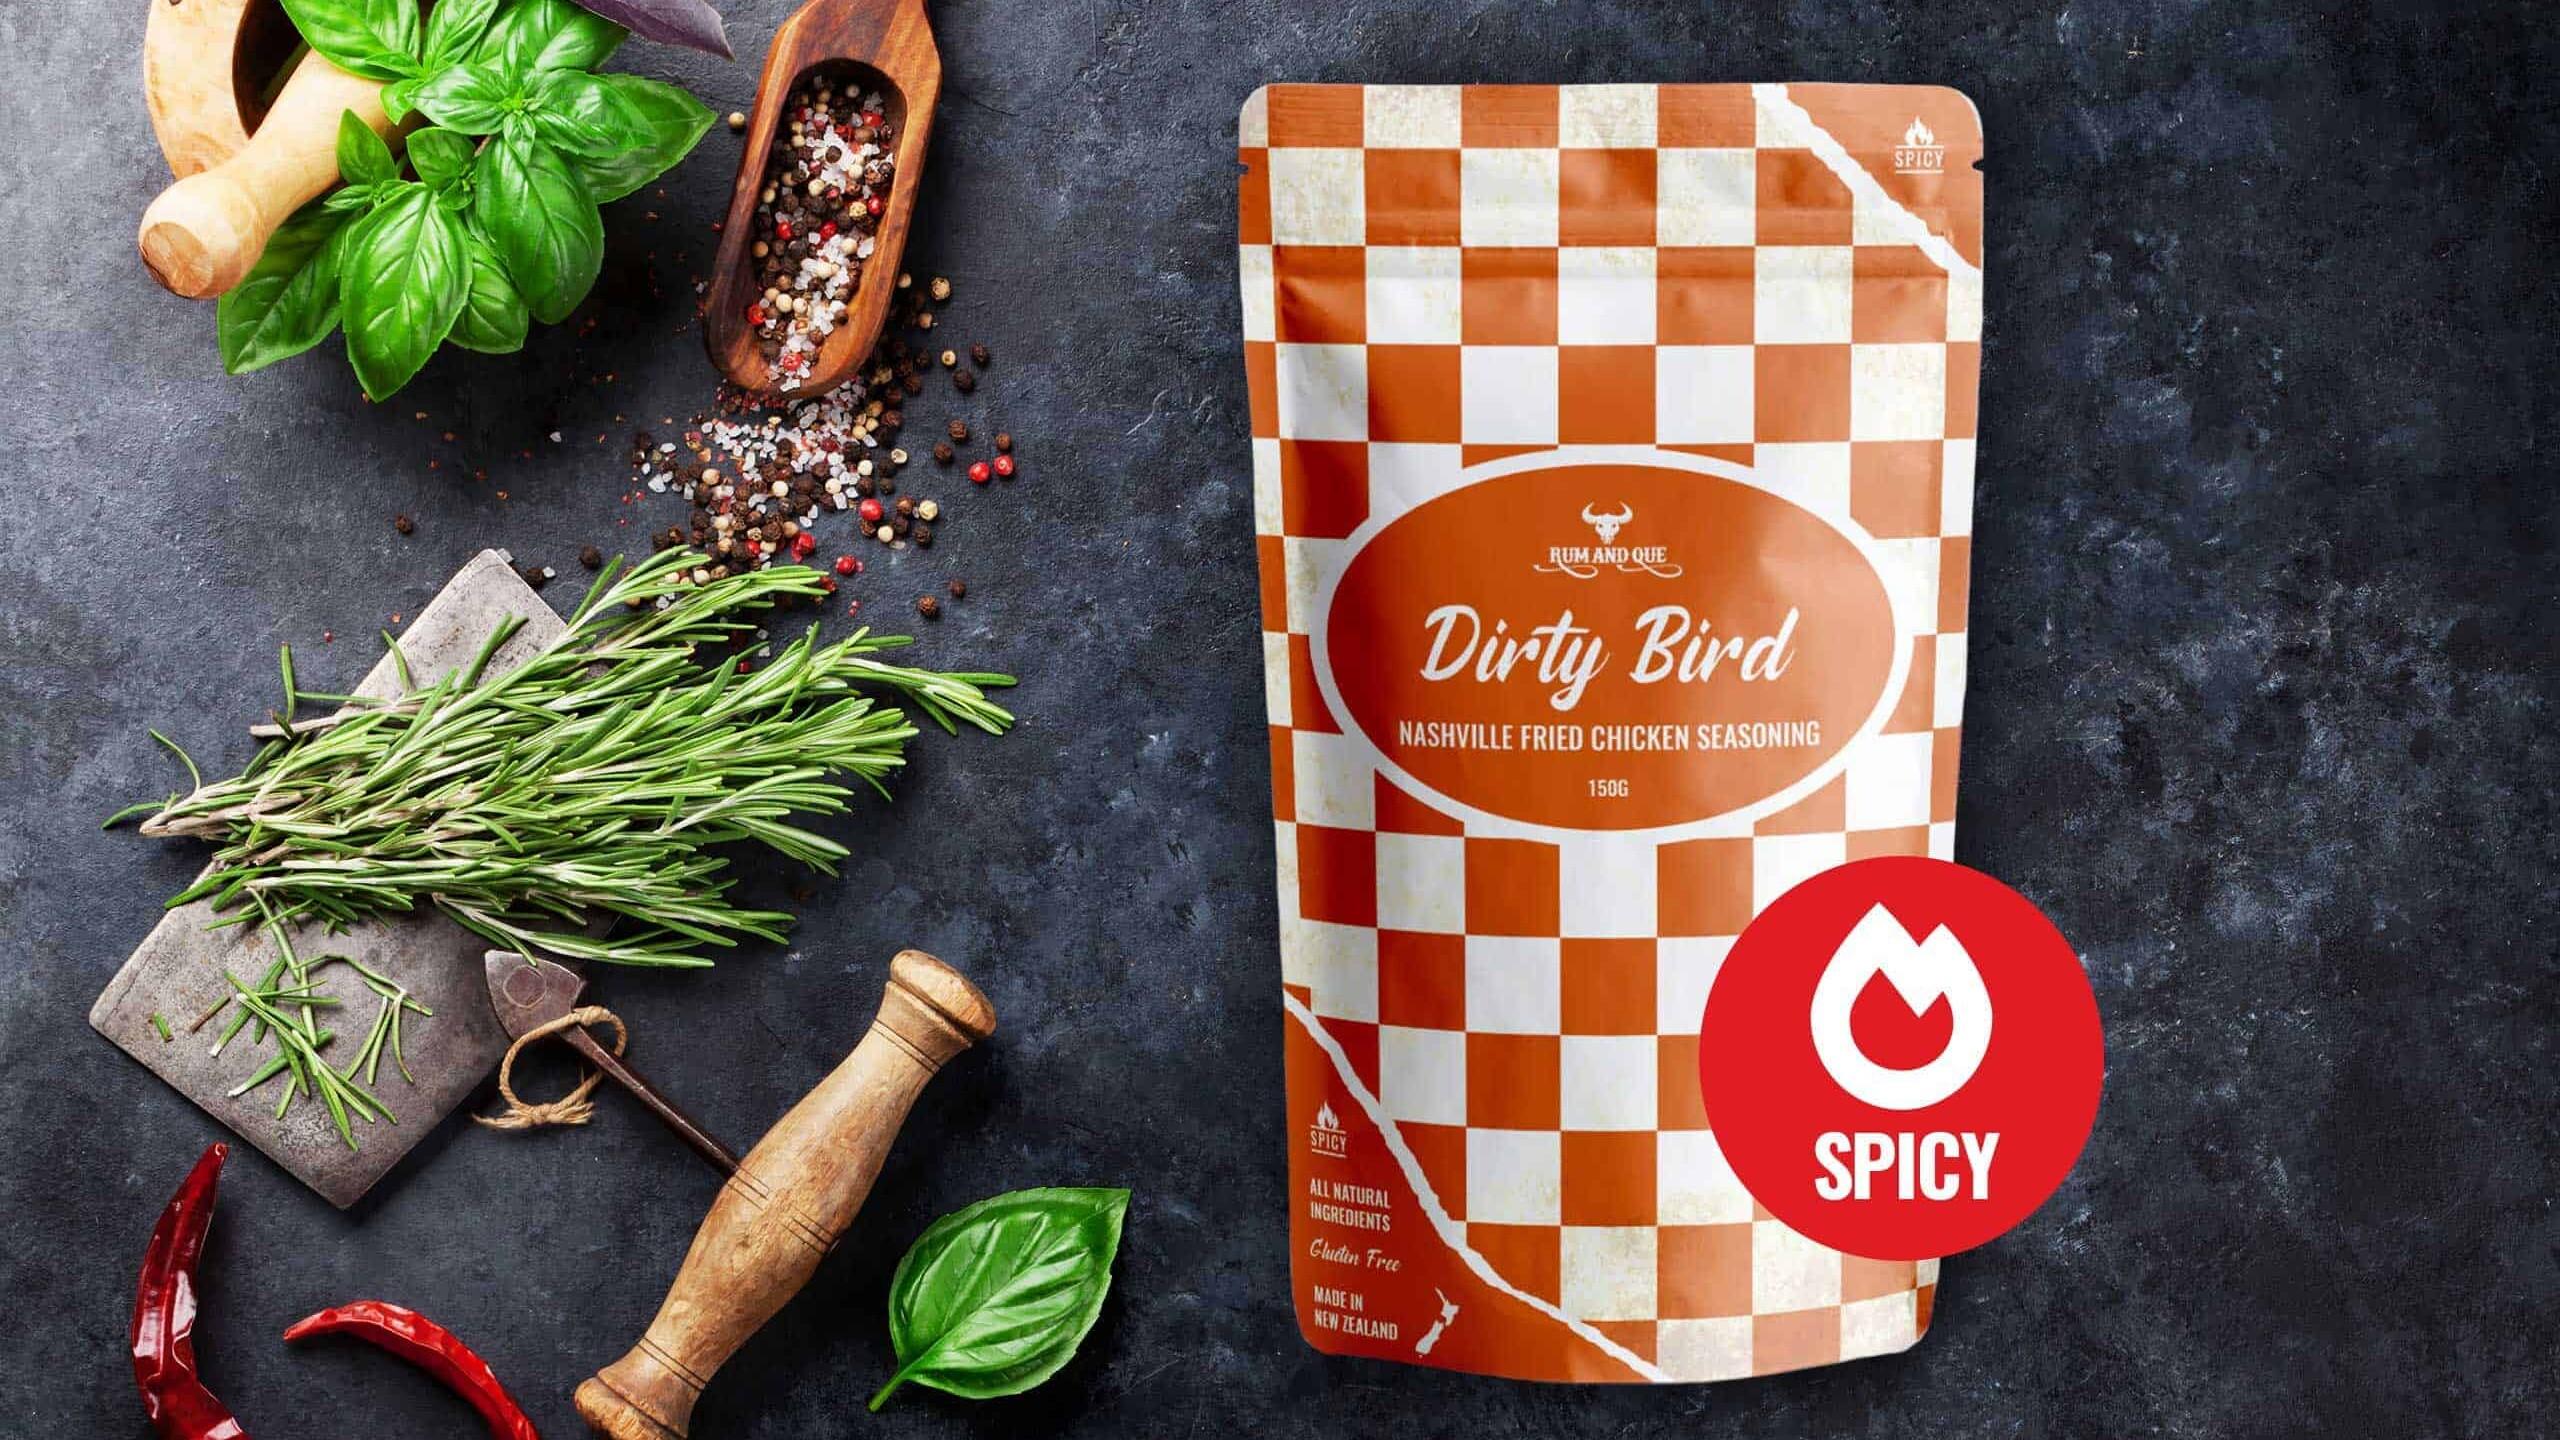 Rum & Que Dirty Bird Nashville Fried Chicken Seasoning